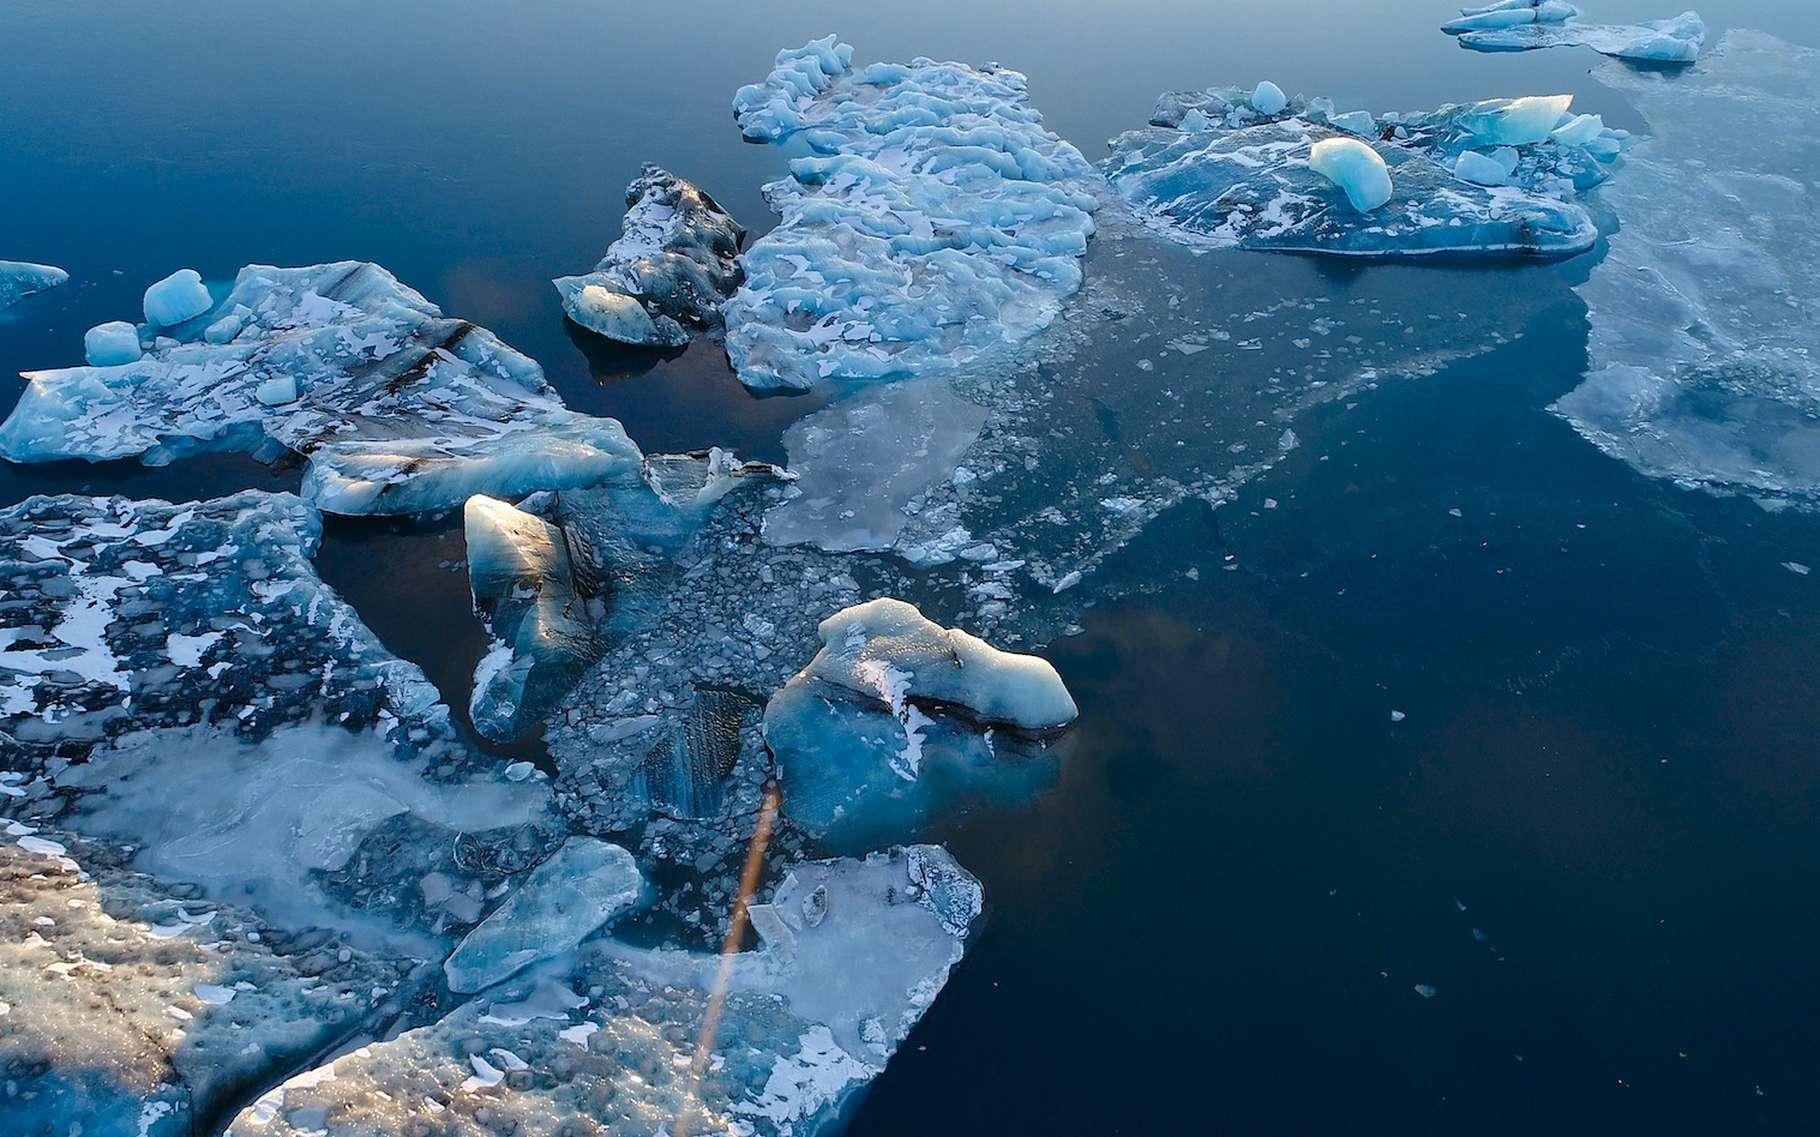 Des chercheurs de l'université de Harvard (États-Unis) ont mesuré les déformations de la croûte terrestre dues à la fonte des glaces. Elles s'étendent au-delà de ce qu'ils avaient imaginé. © Fly_and_Dive, Adobe Stock